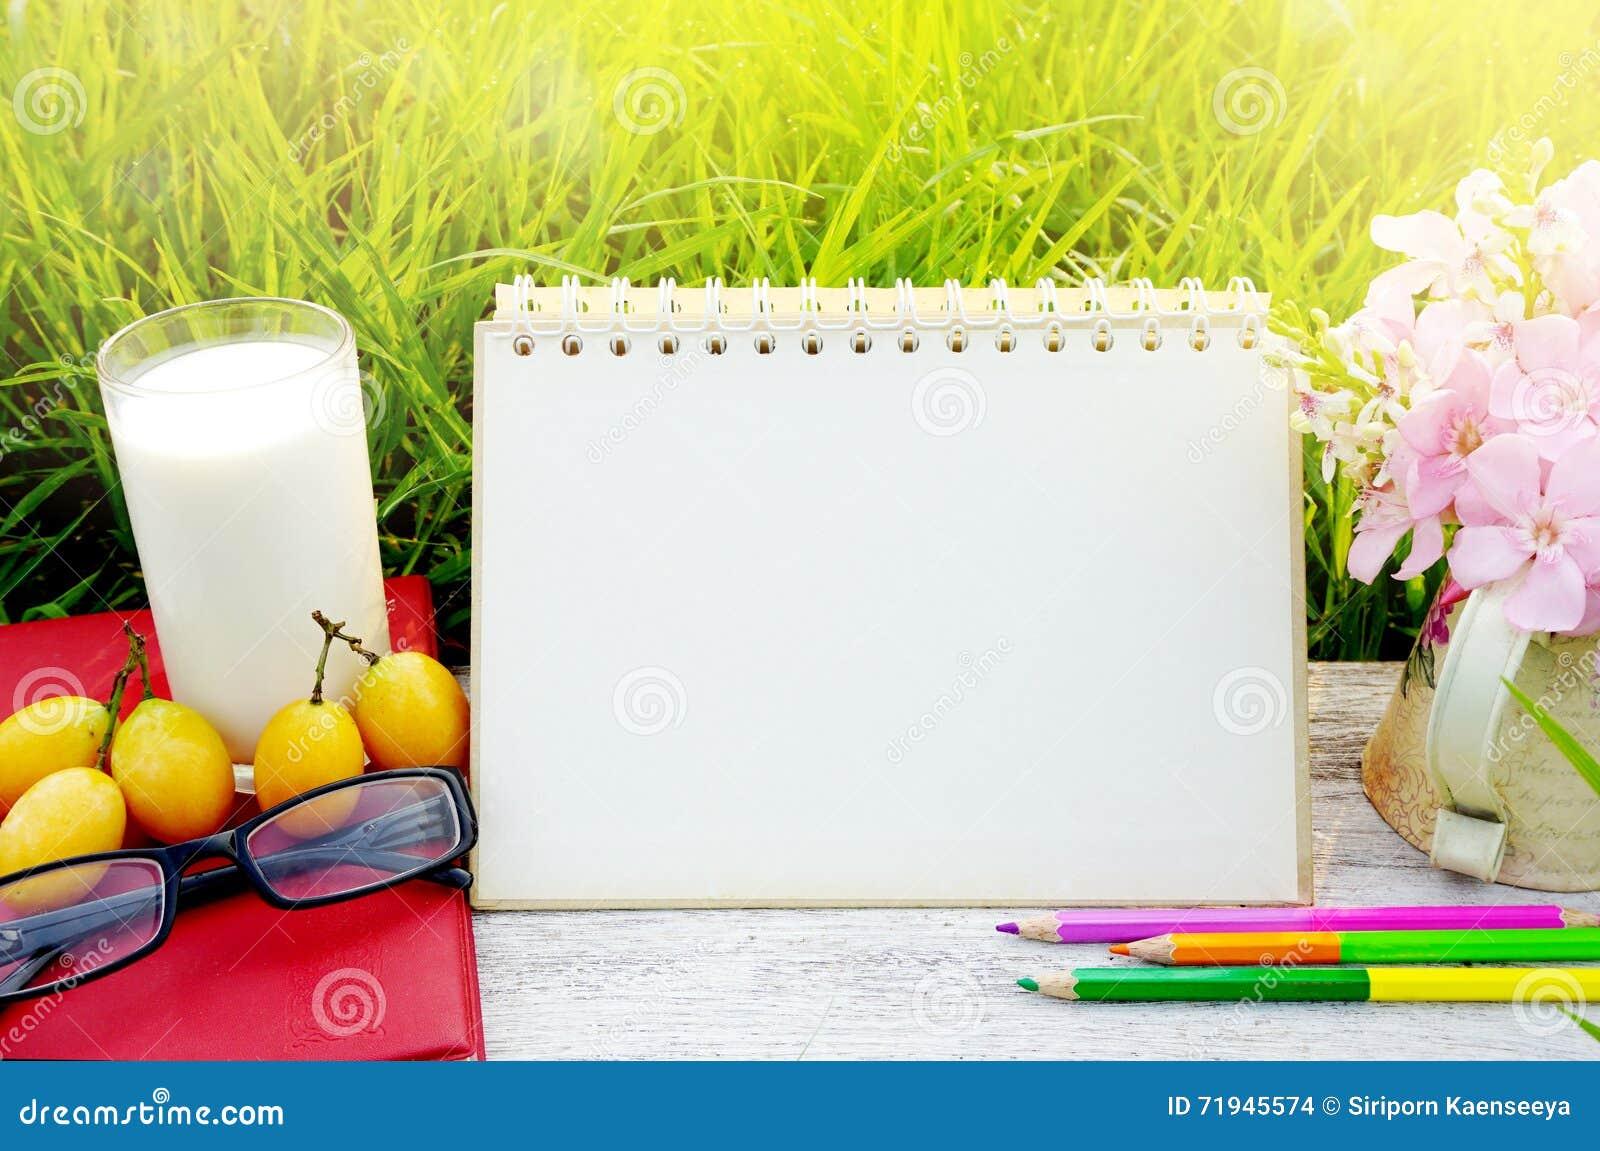 Bicchiere di latte, calendario della pagina in bianco, frutta gialla, occhiali da sole, matite e fiore rosa sulla tavola di legno